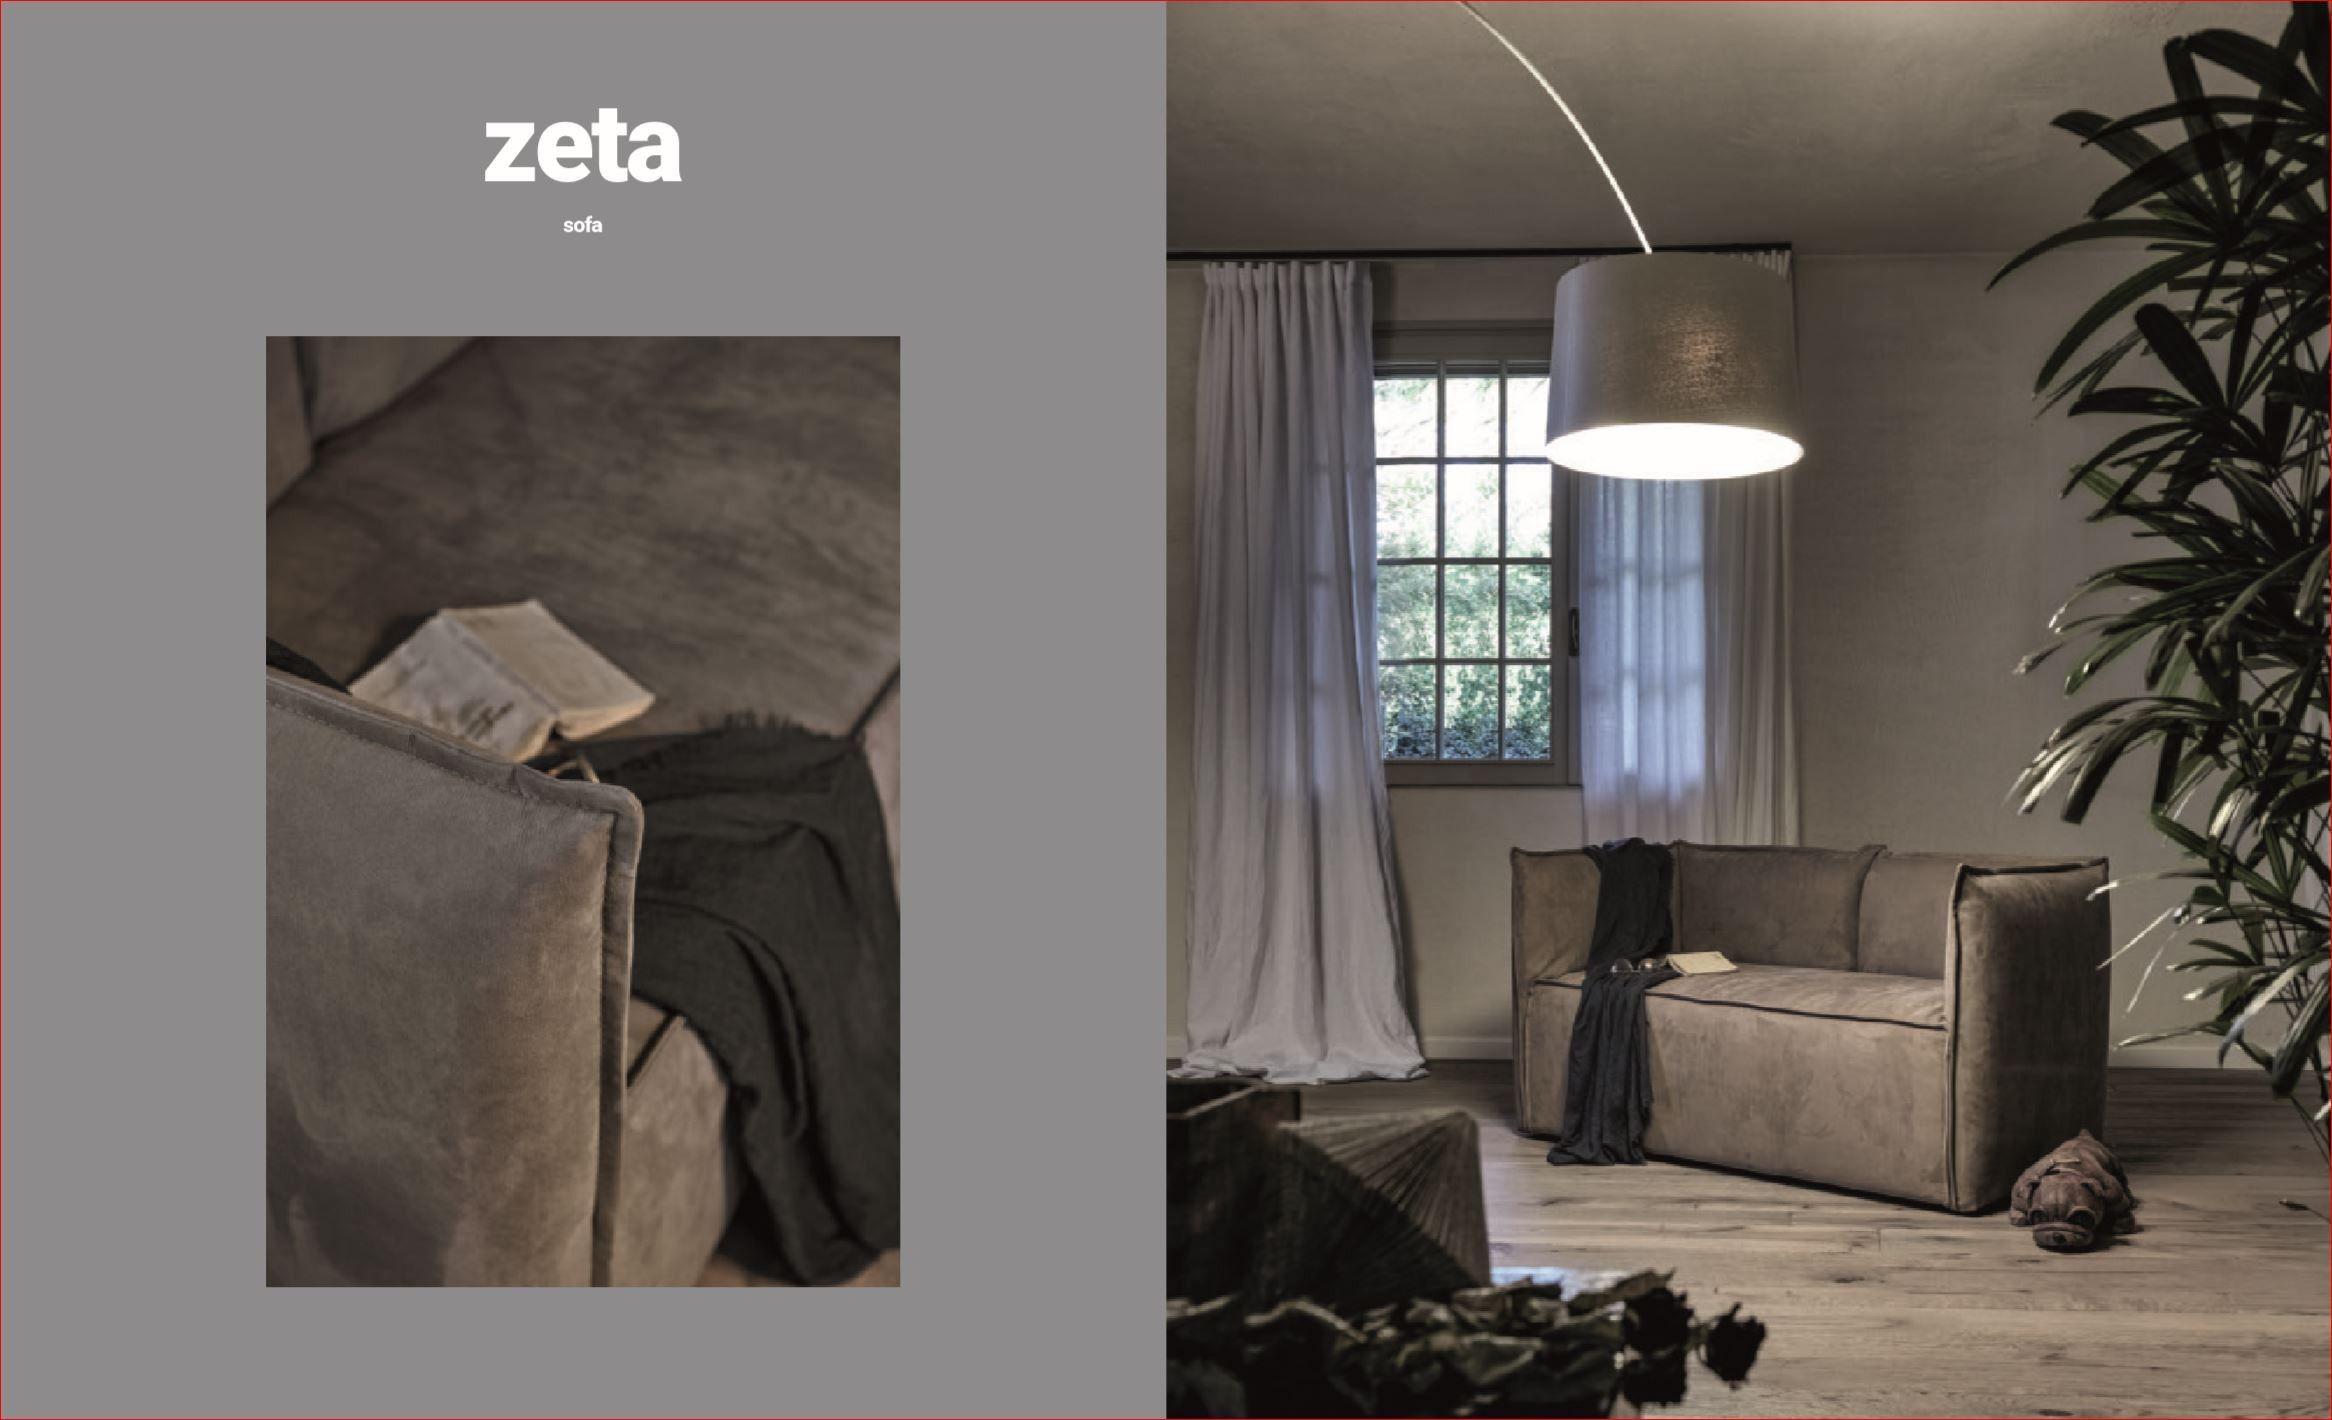 ZETA sofà collezione poltrone e poltroncine di Exco